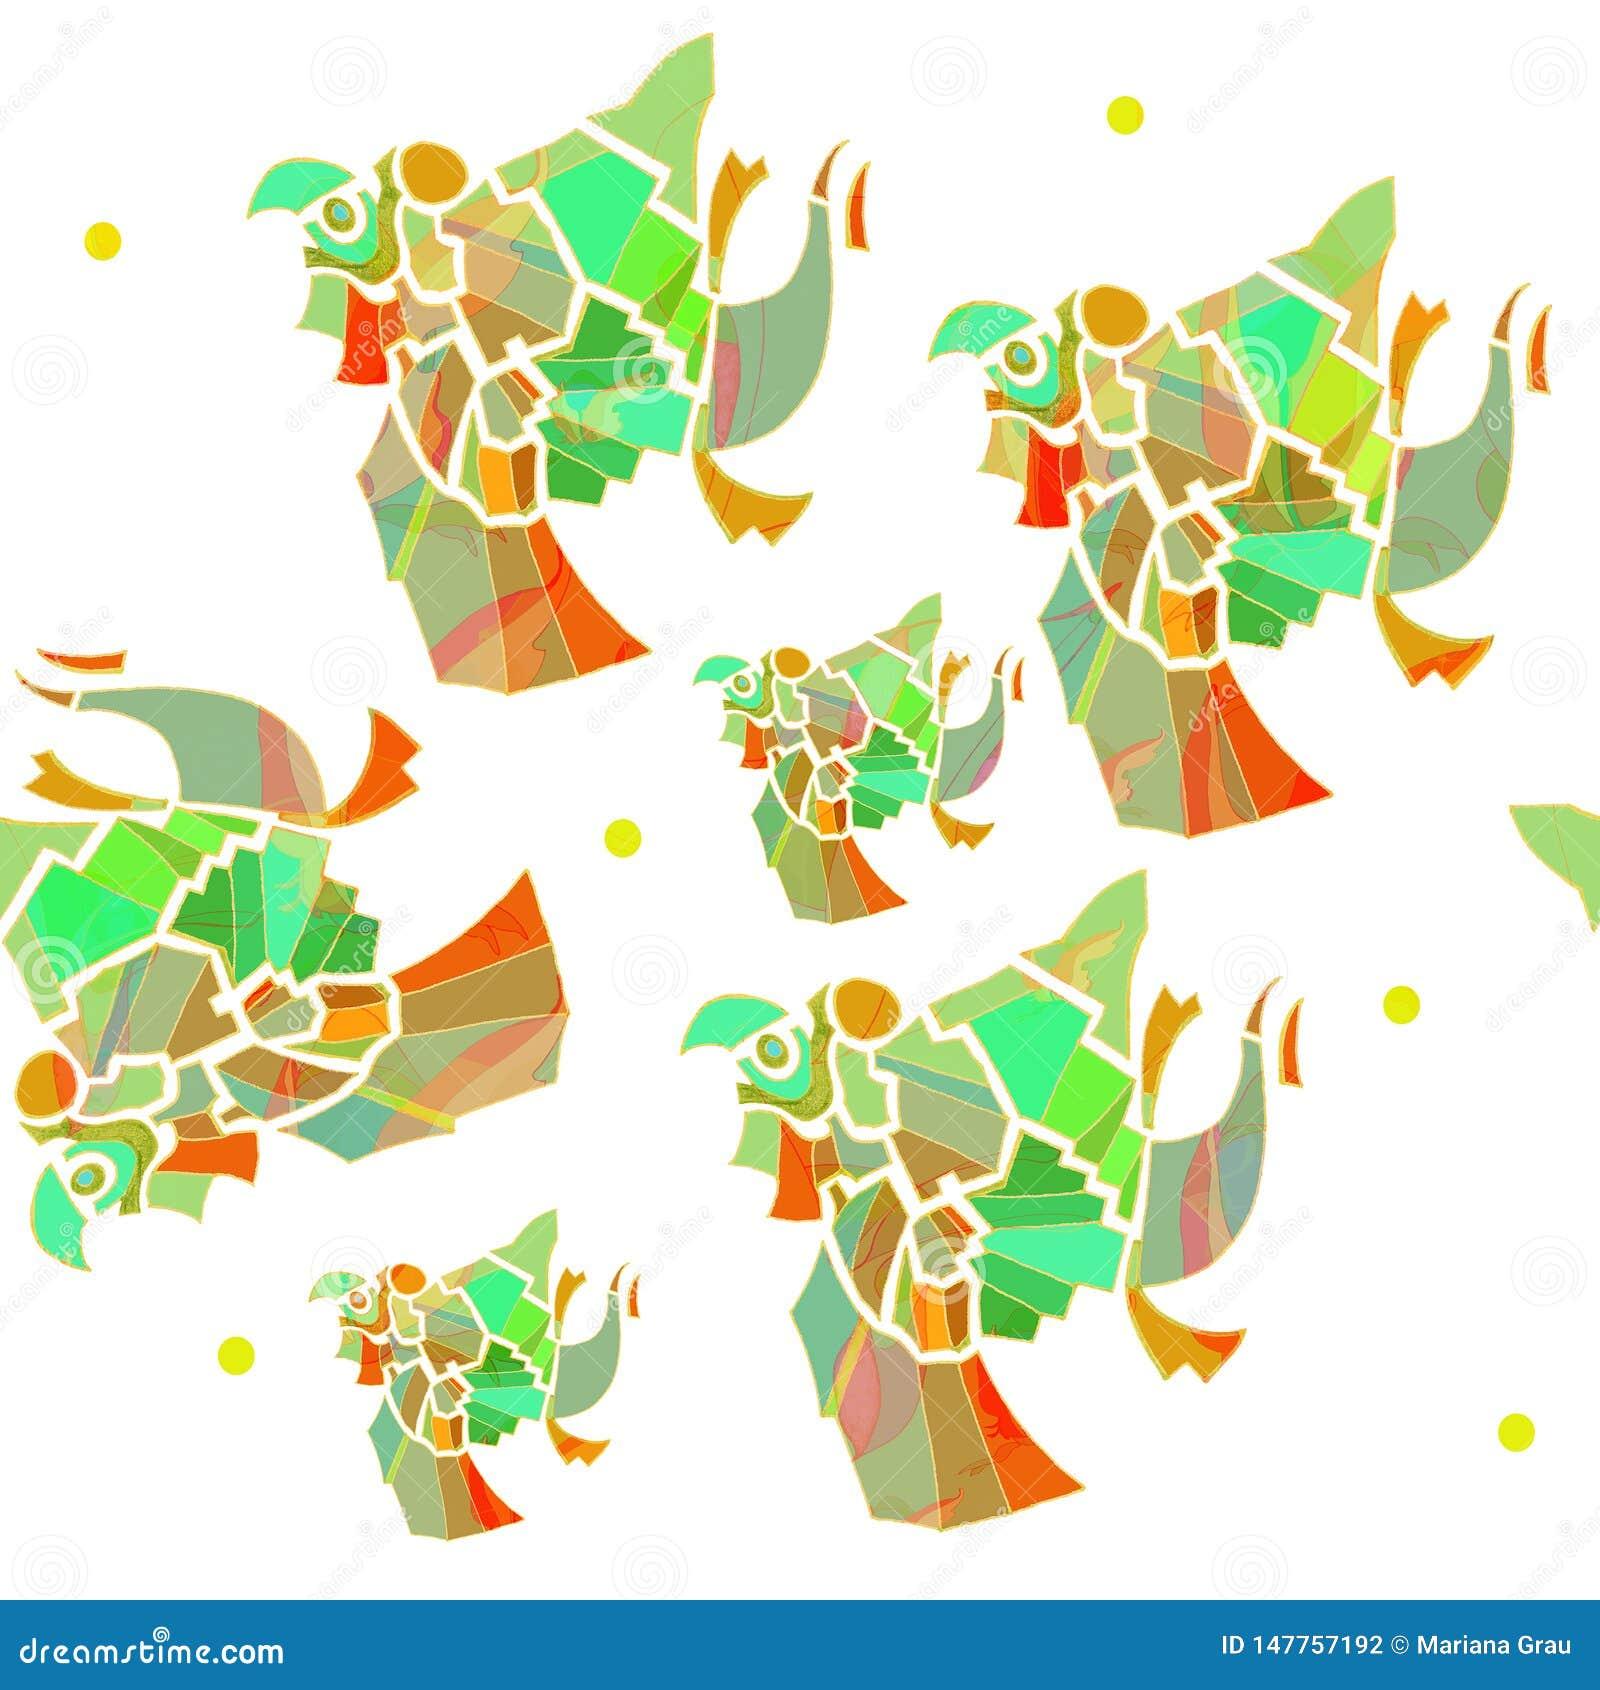 Modèle sans couture de perroquets mexicains de vecteur, vert, aquamrine, vert clair, orange, rouge, brun